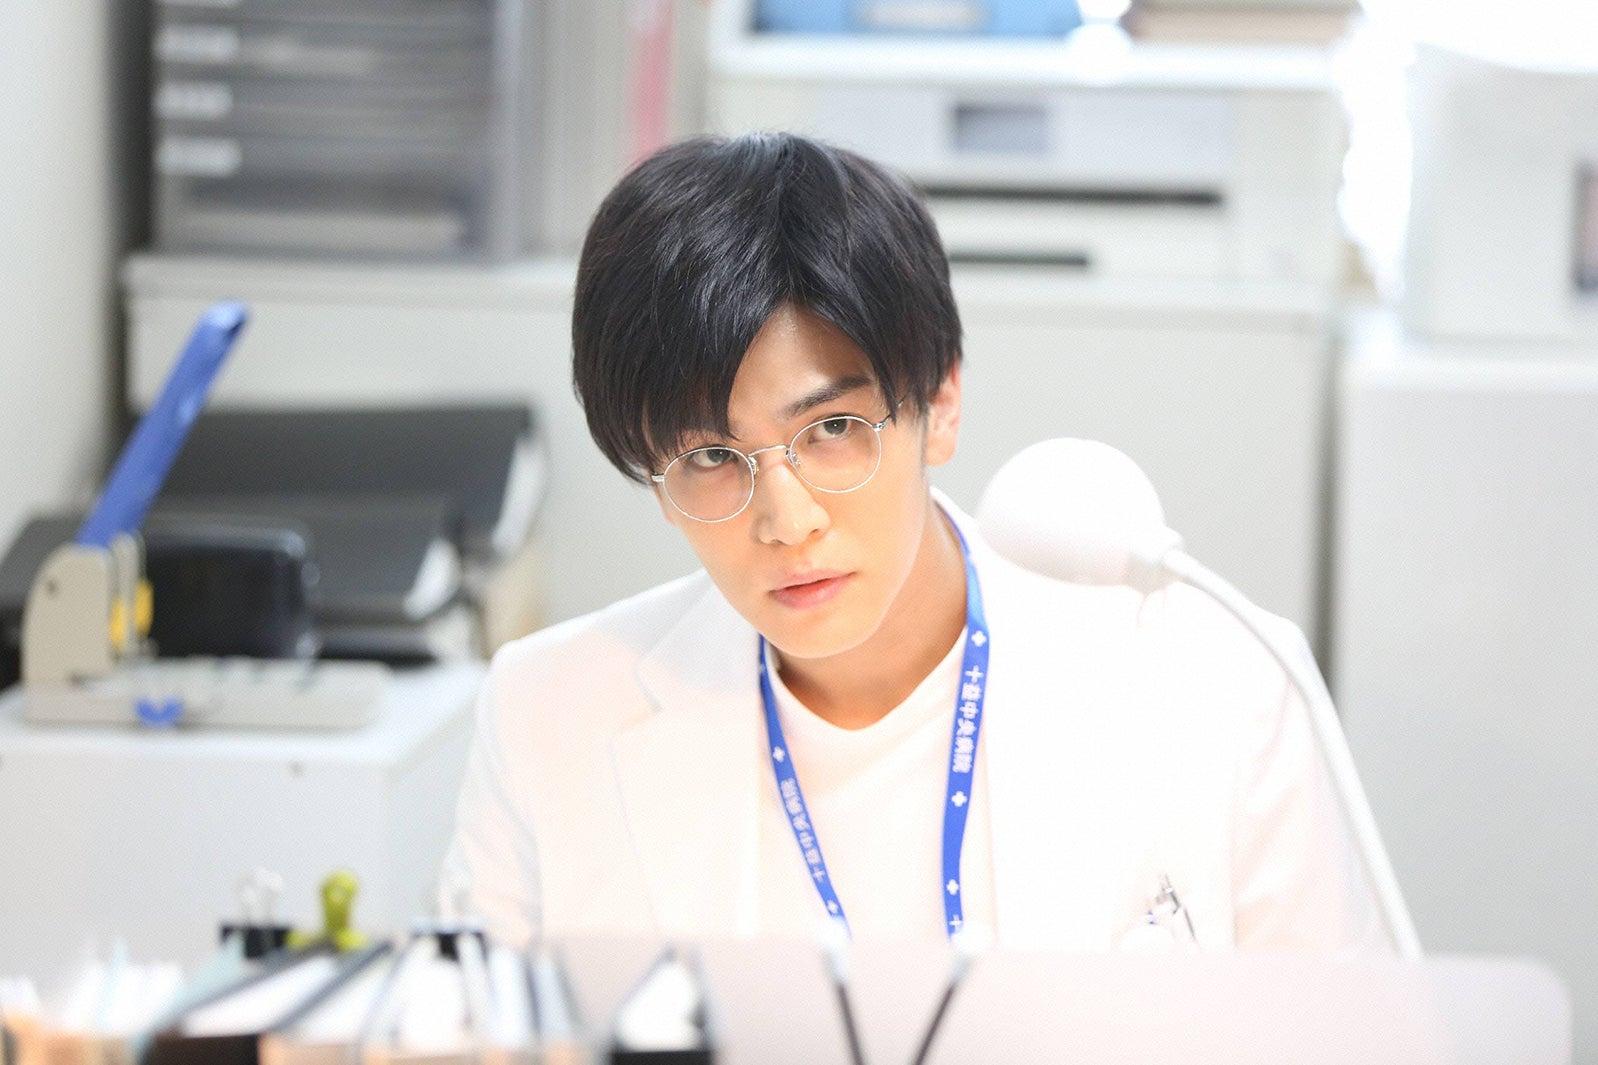 岩田剛典「シャーロック」インタビュー<1>月9初出演の心境